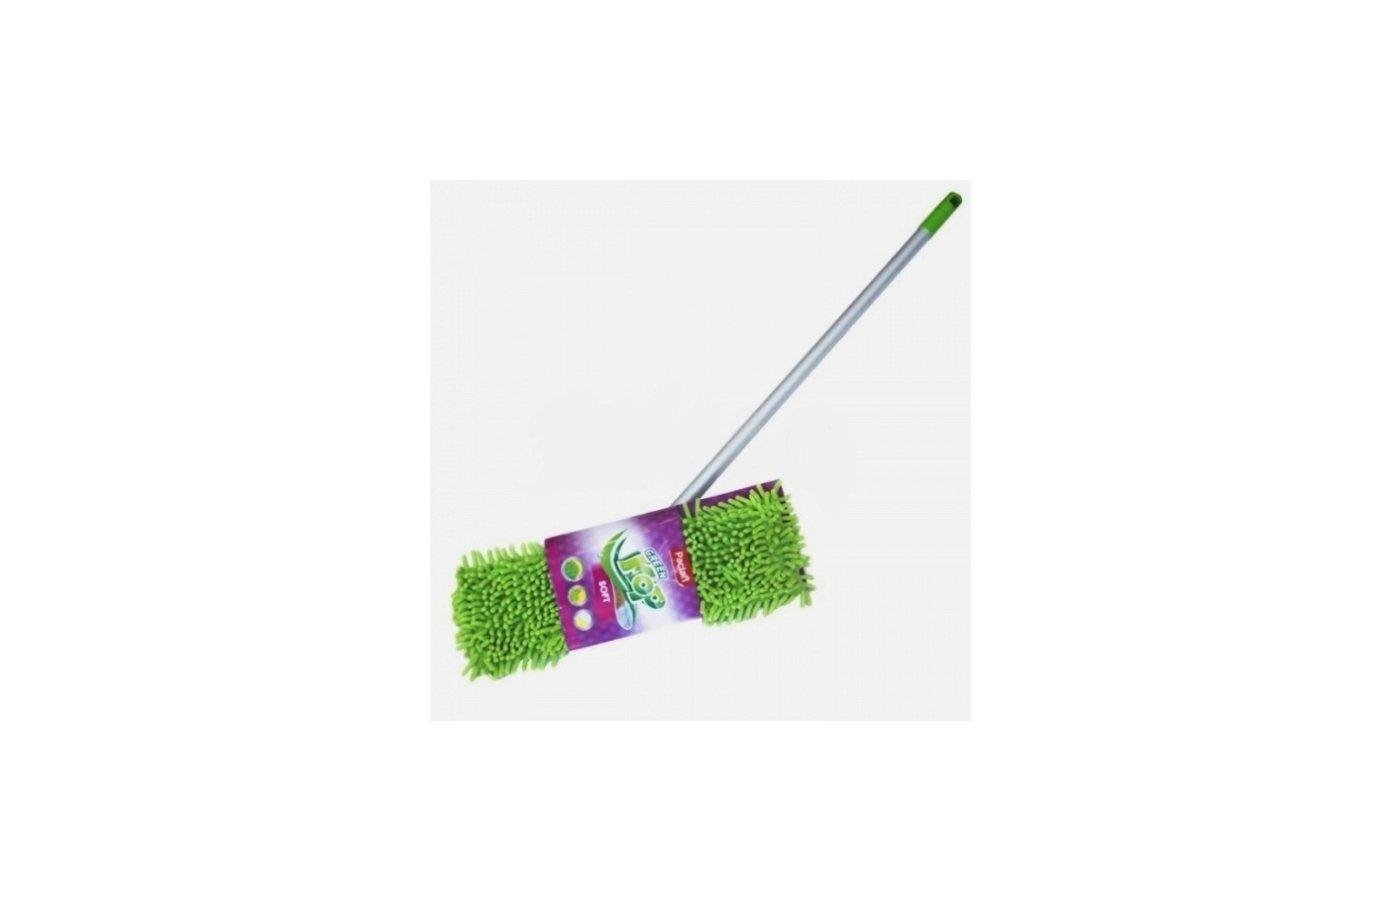 Инвентарь для уборки PACLAN GREEN MOP SOFT ШВАБРА С ПЛОСКОЙ НАСАДКОЙ ШЕНИЛЛ И ТЕЛЕСКОПИЧЕСКОЙ РУЧКОЙ, 1 ШТ.